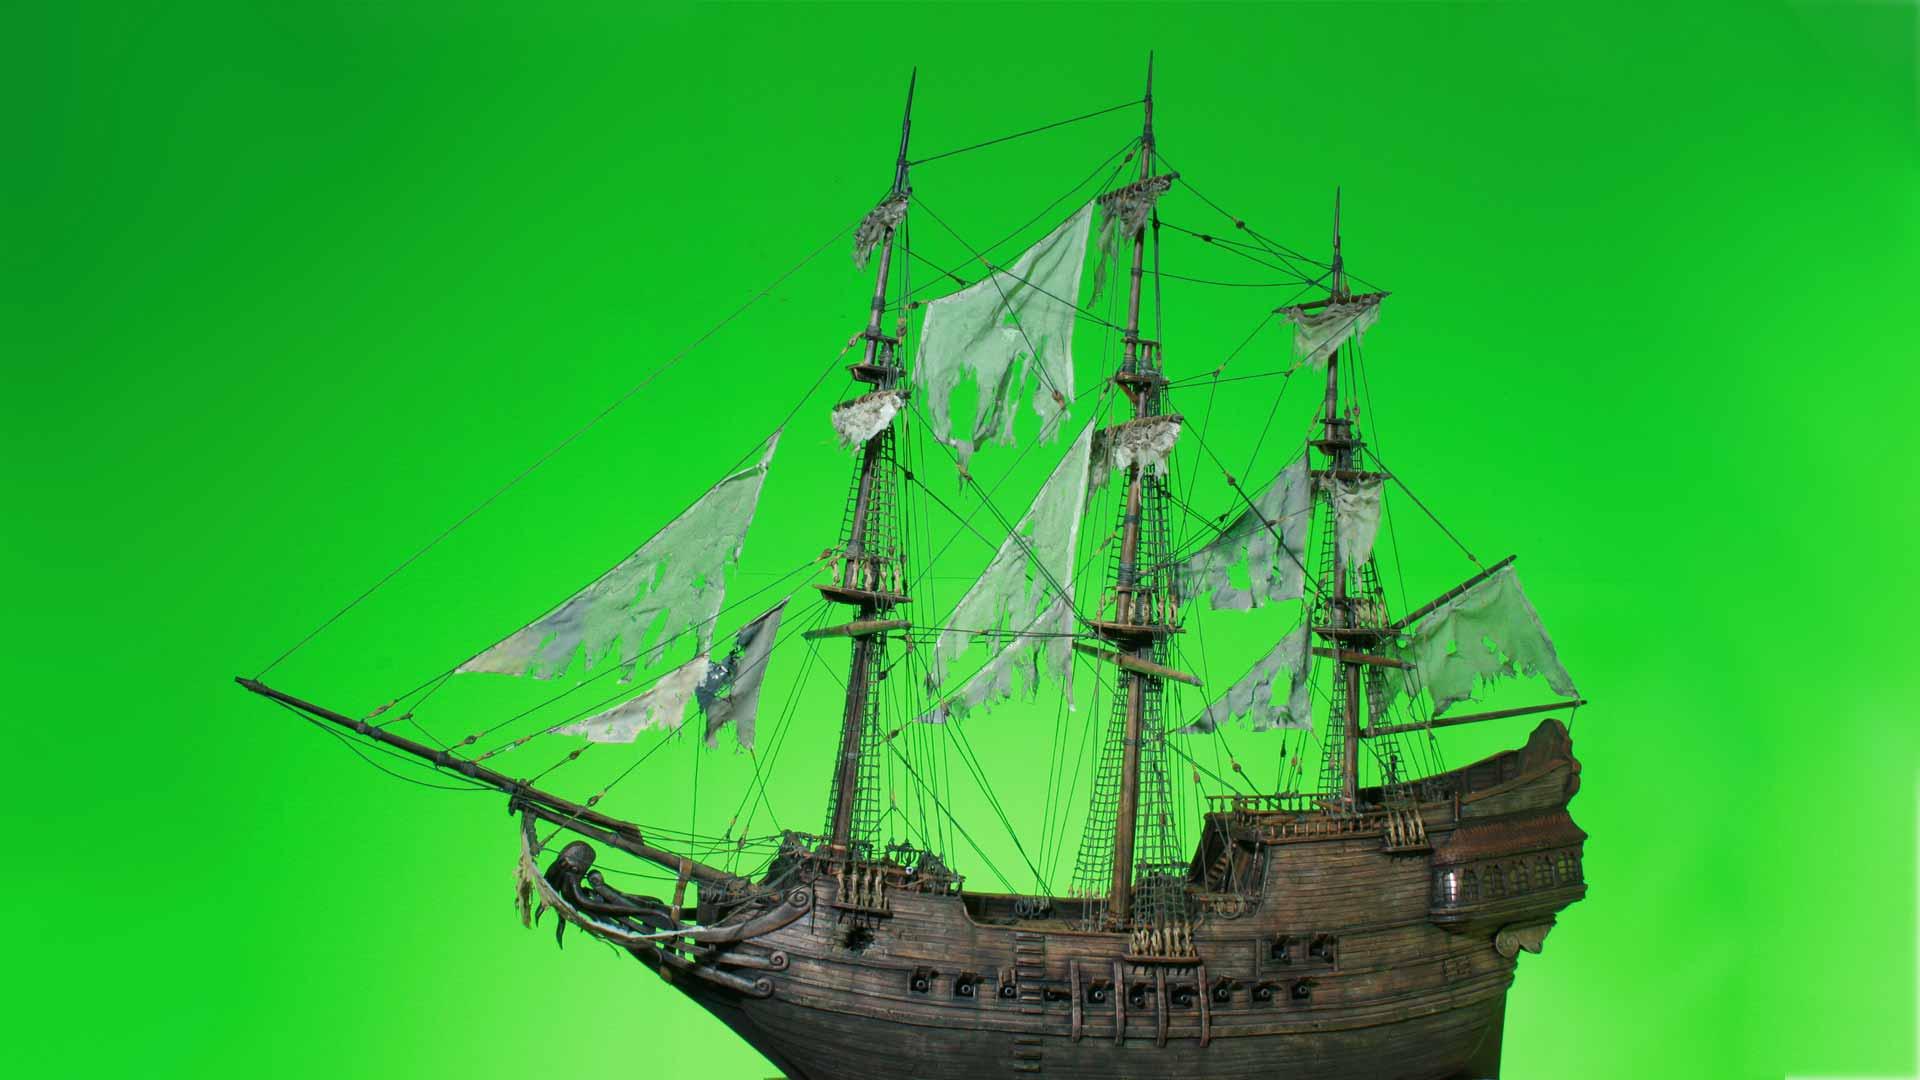 small-ship.jpg